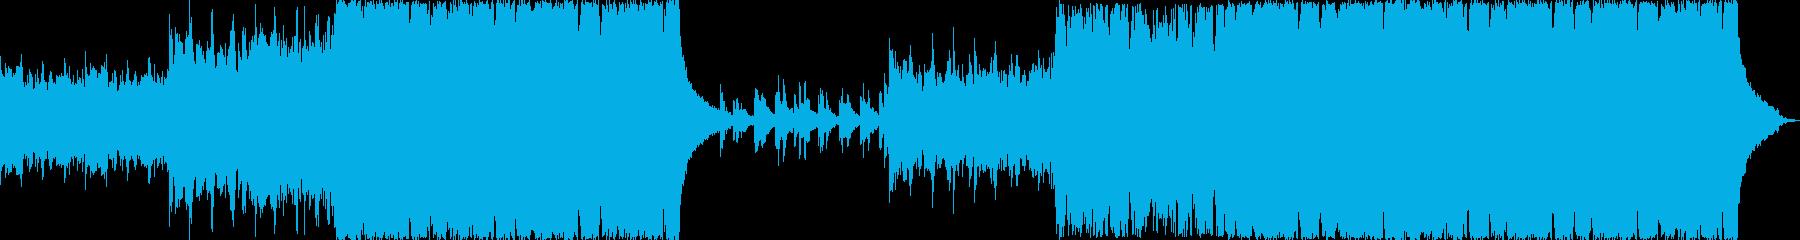 ゆったりしたヒーリング音楽の再生済みの波形